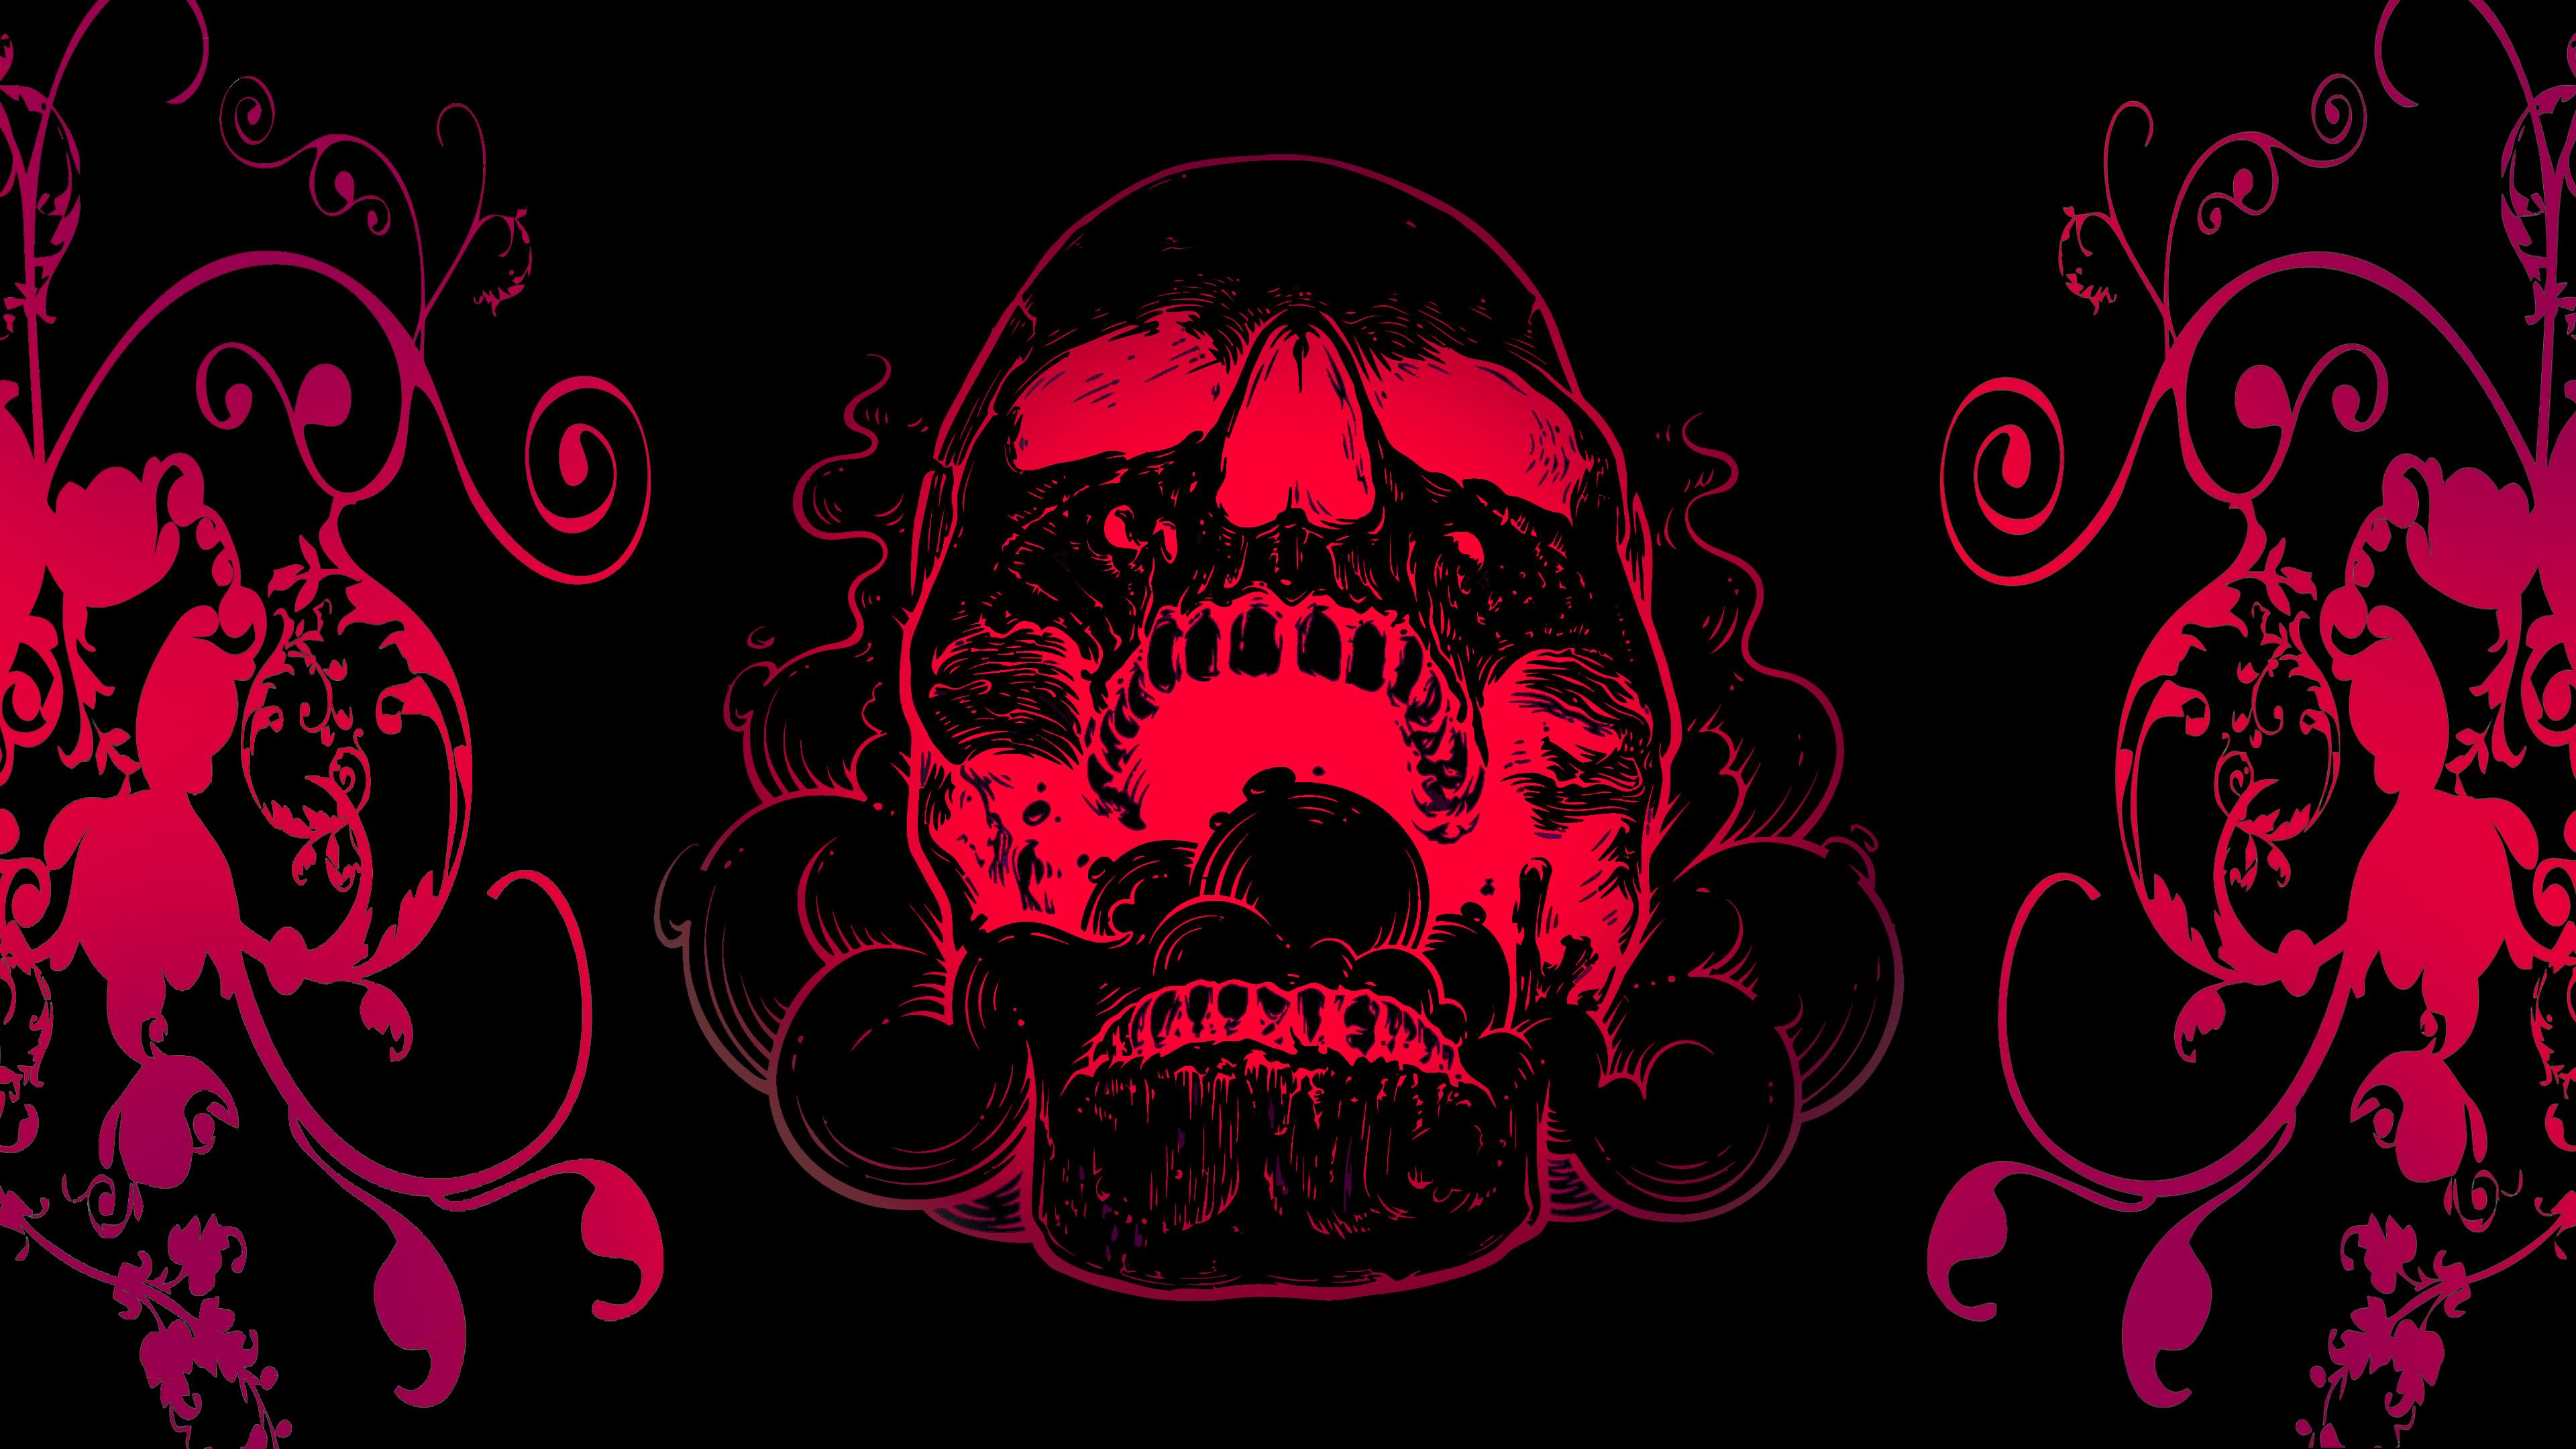 1920x1080 Red Skull Flowers Black Background 4k Laptop ...